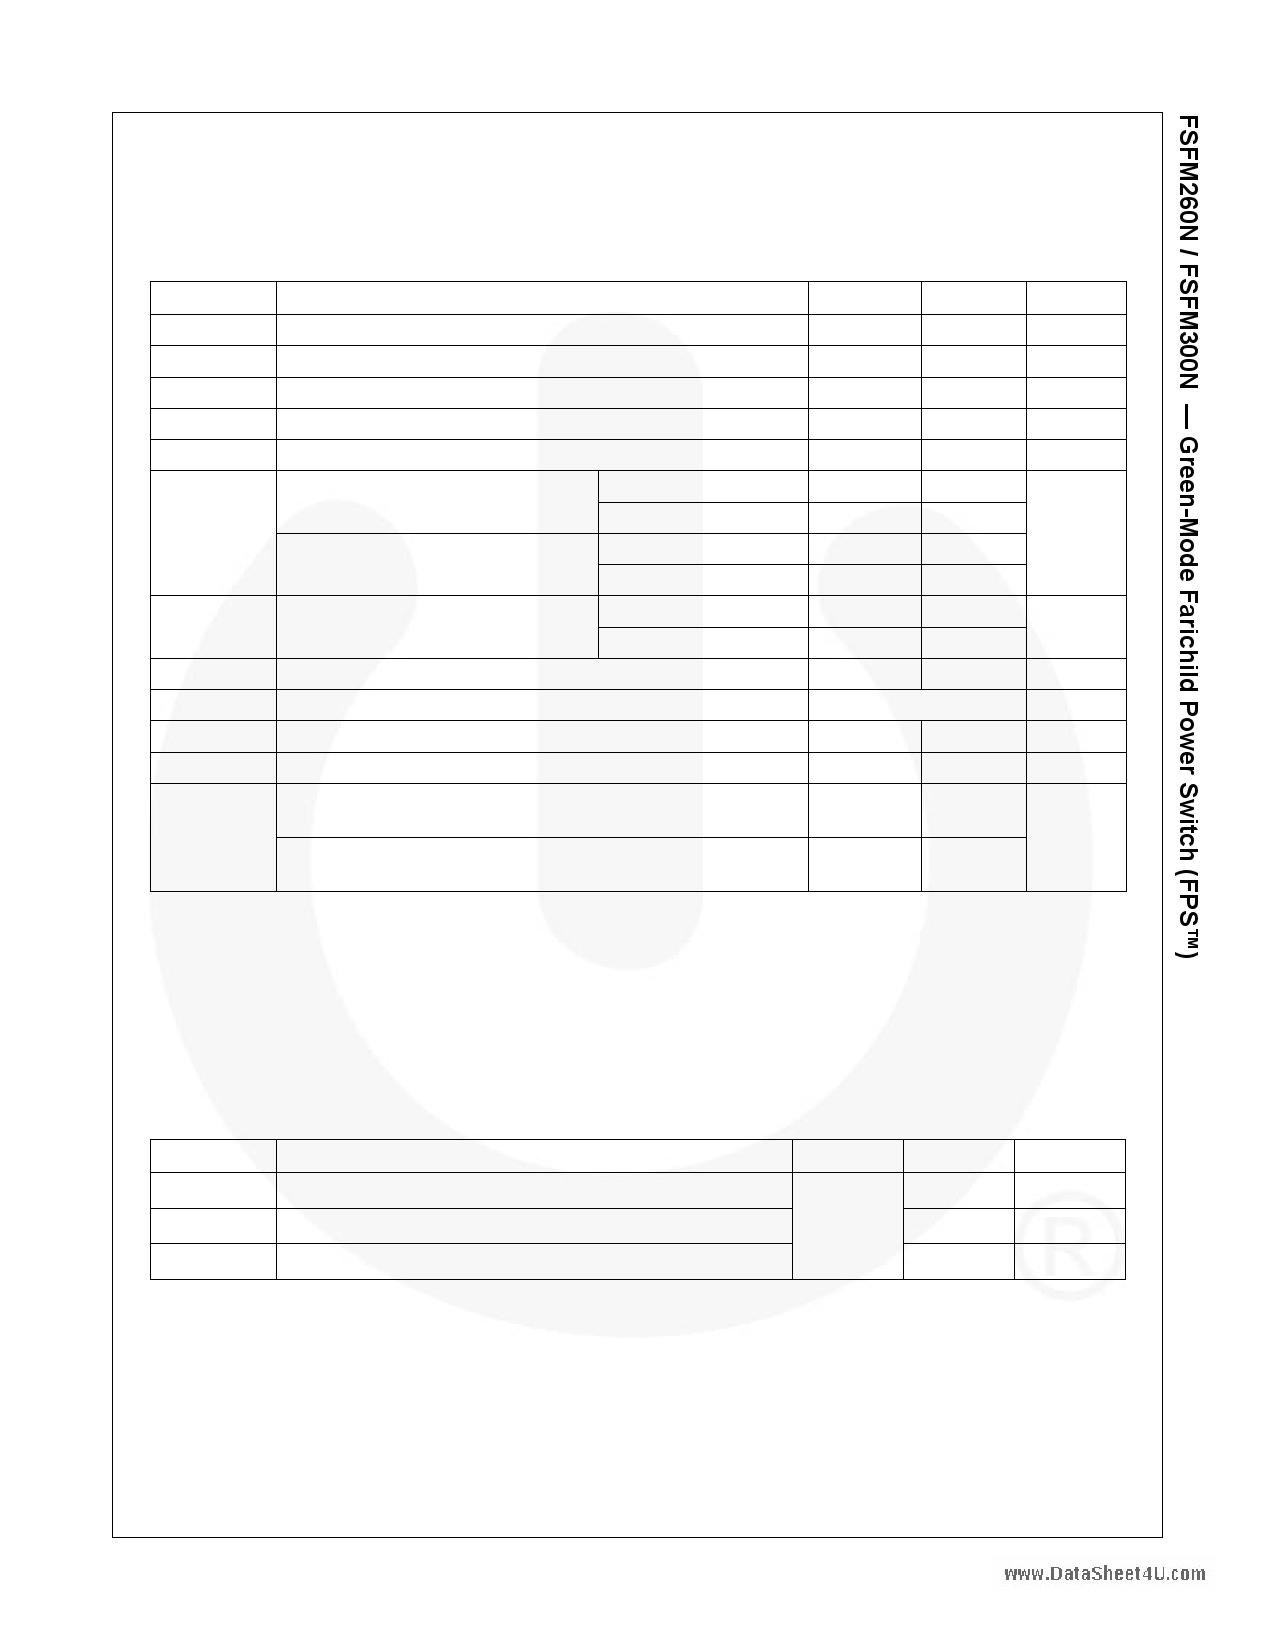 FSFM260N pdf